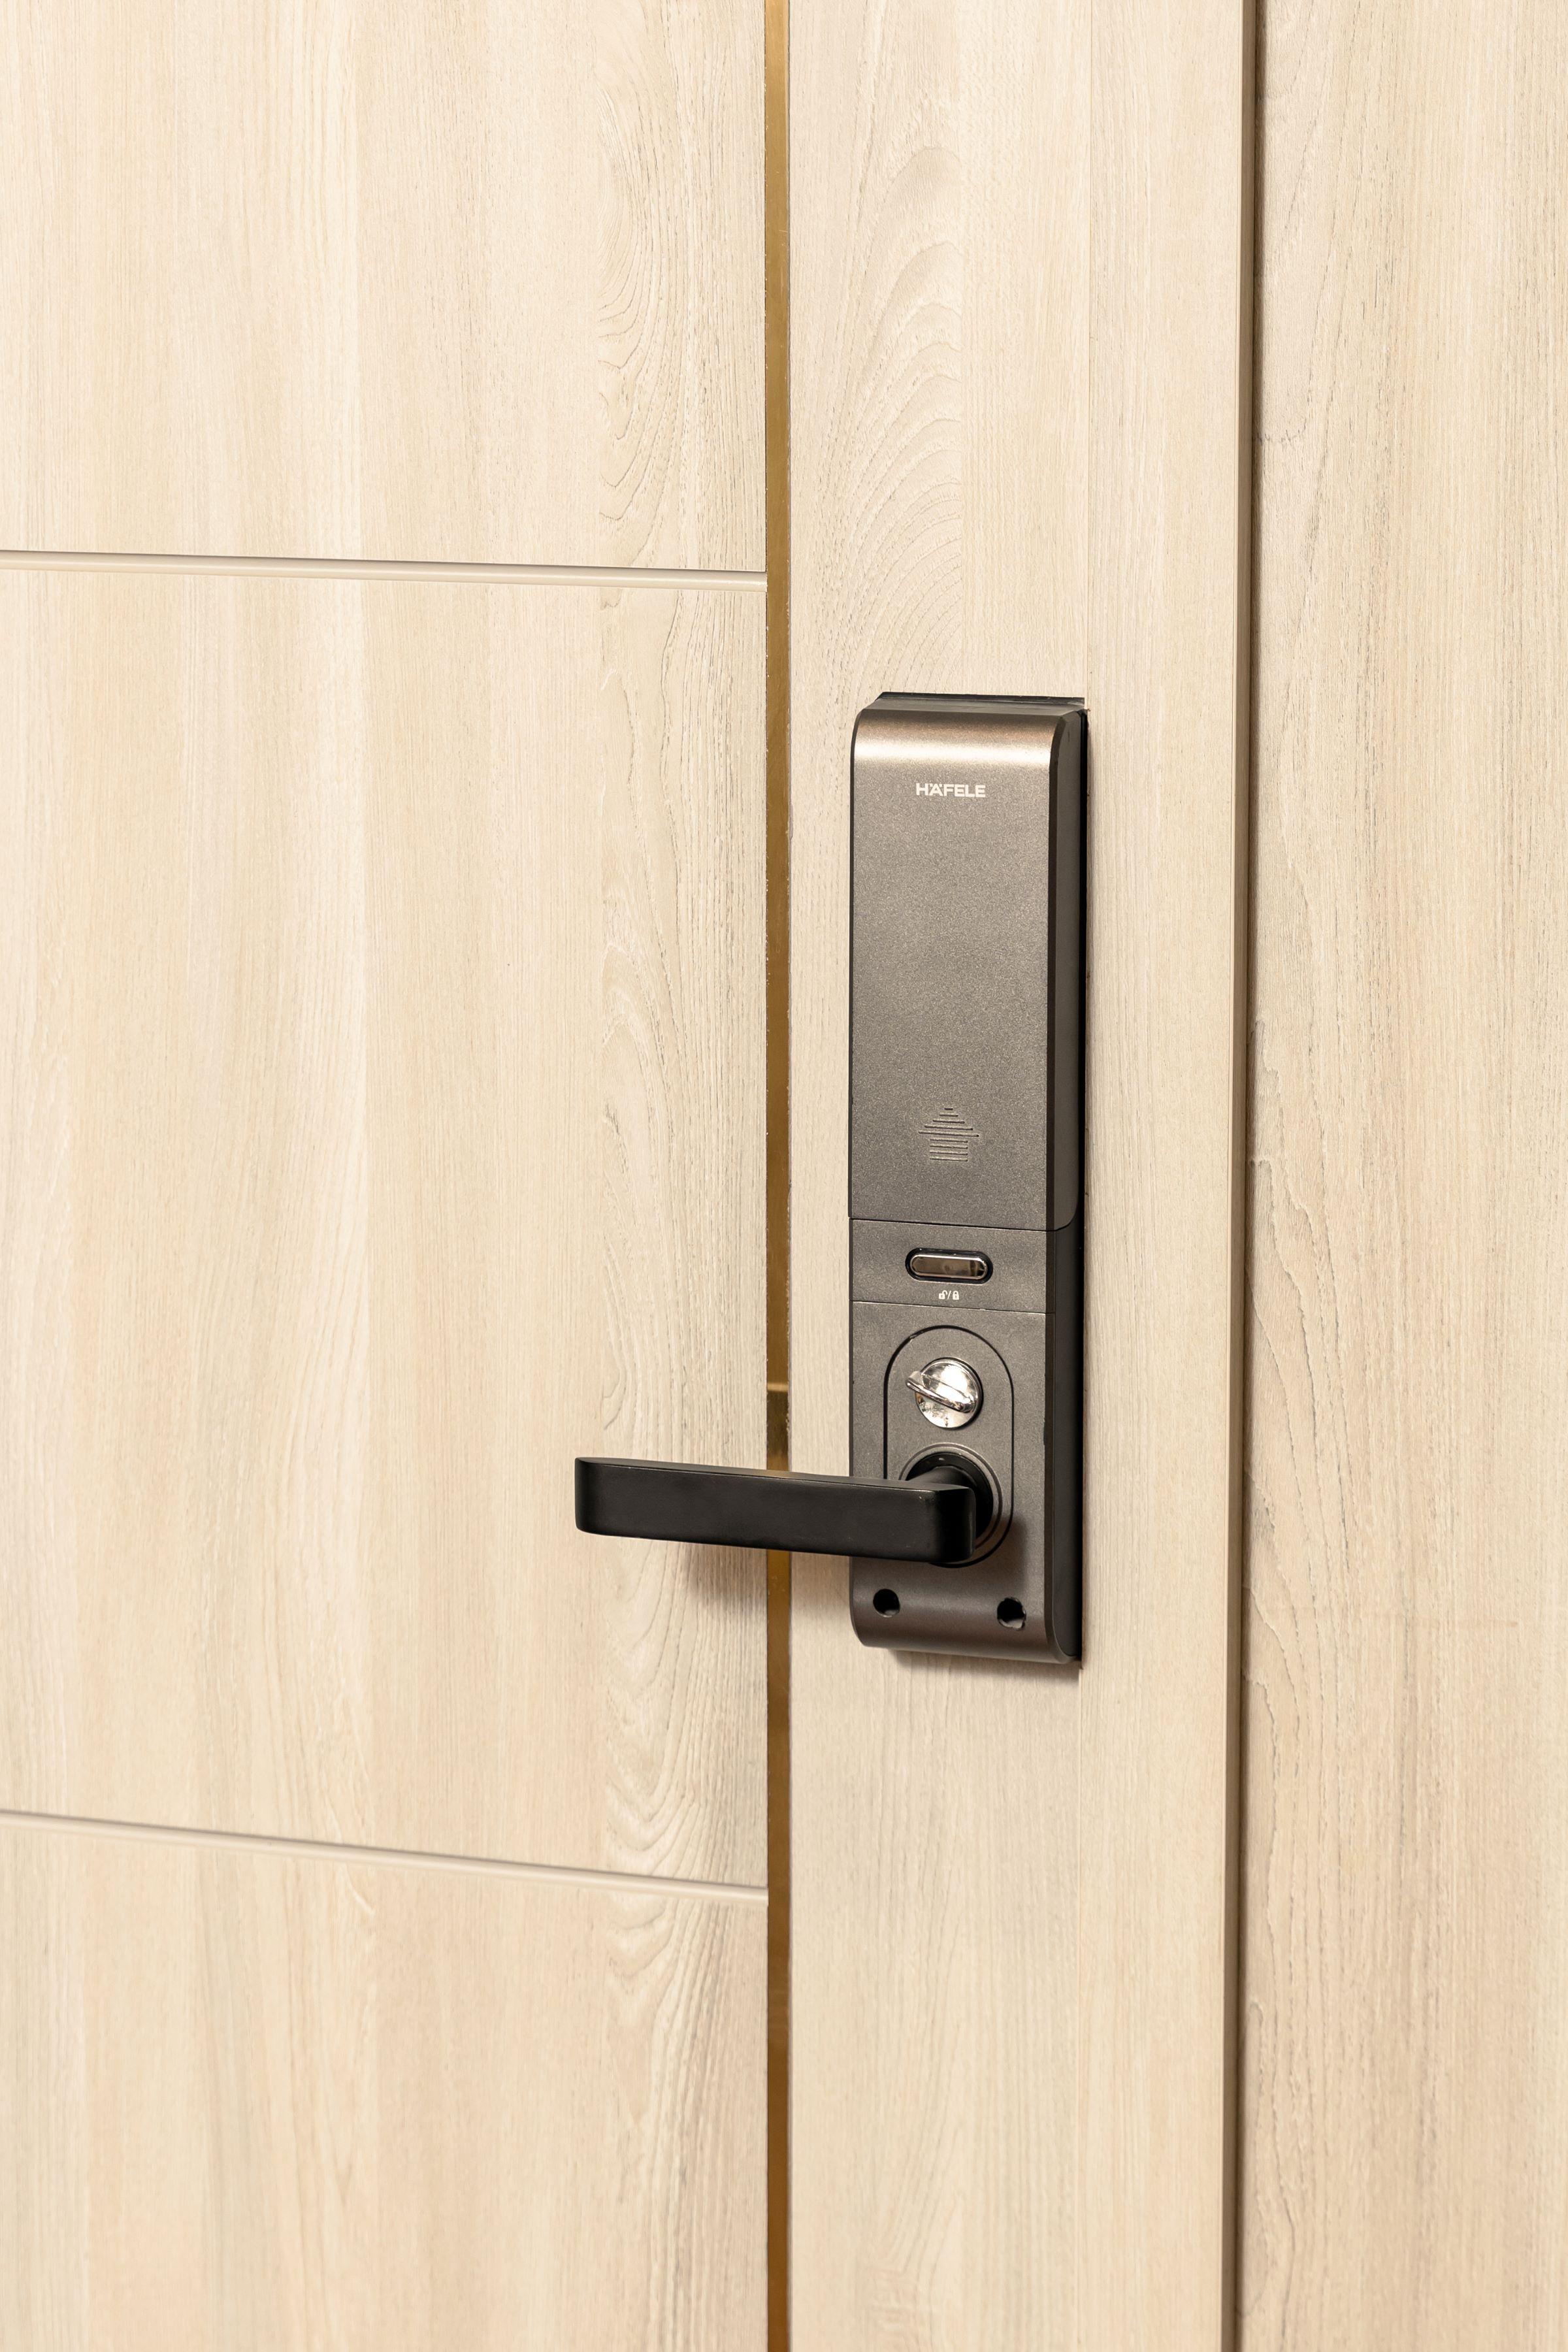 Cửa vào căn hộ mẫu được trang bị khóa thông minh Häfele, thương hiệu nổi tiếng của Đức.